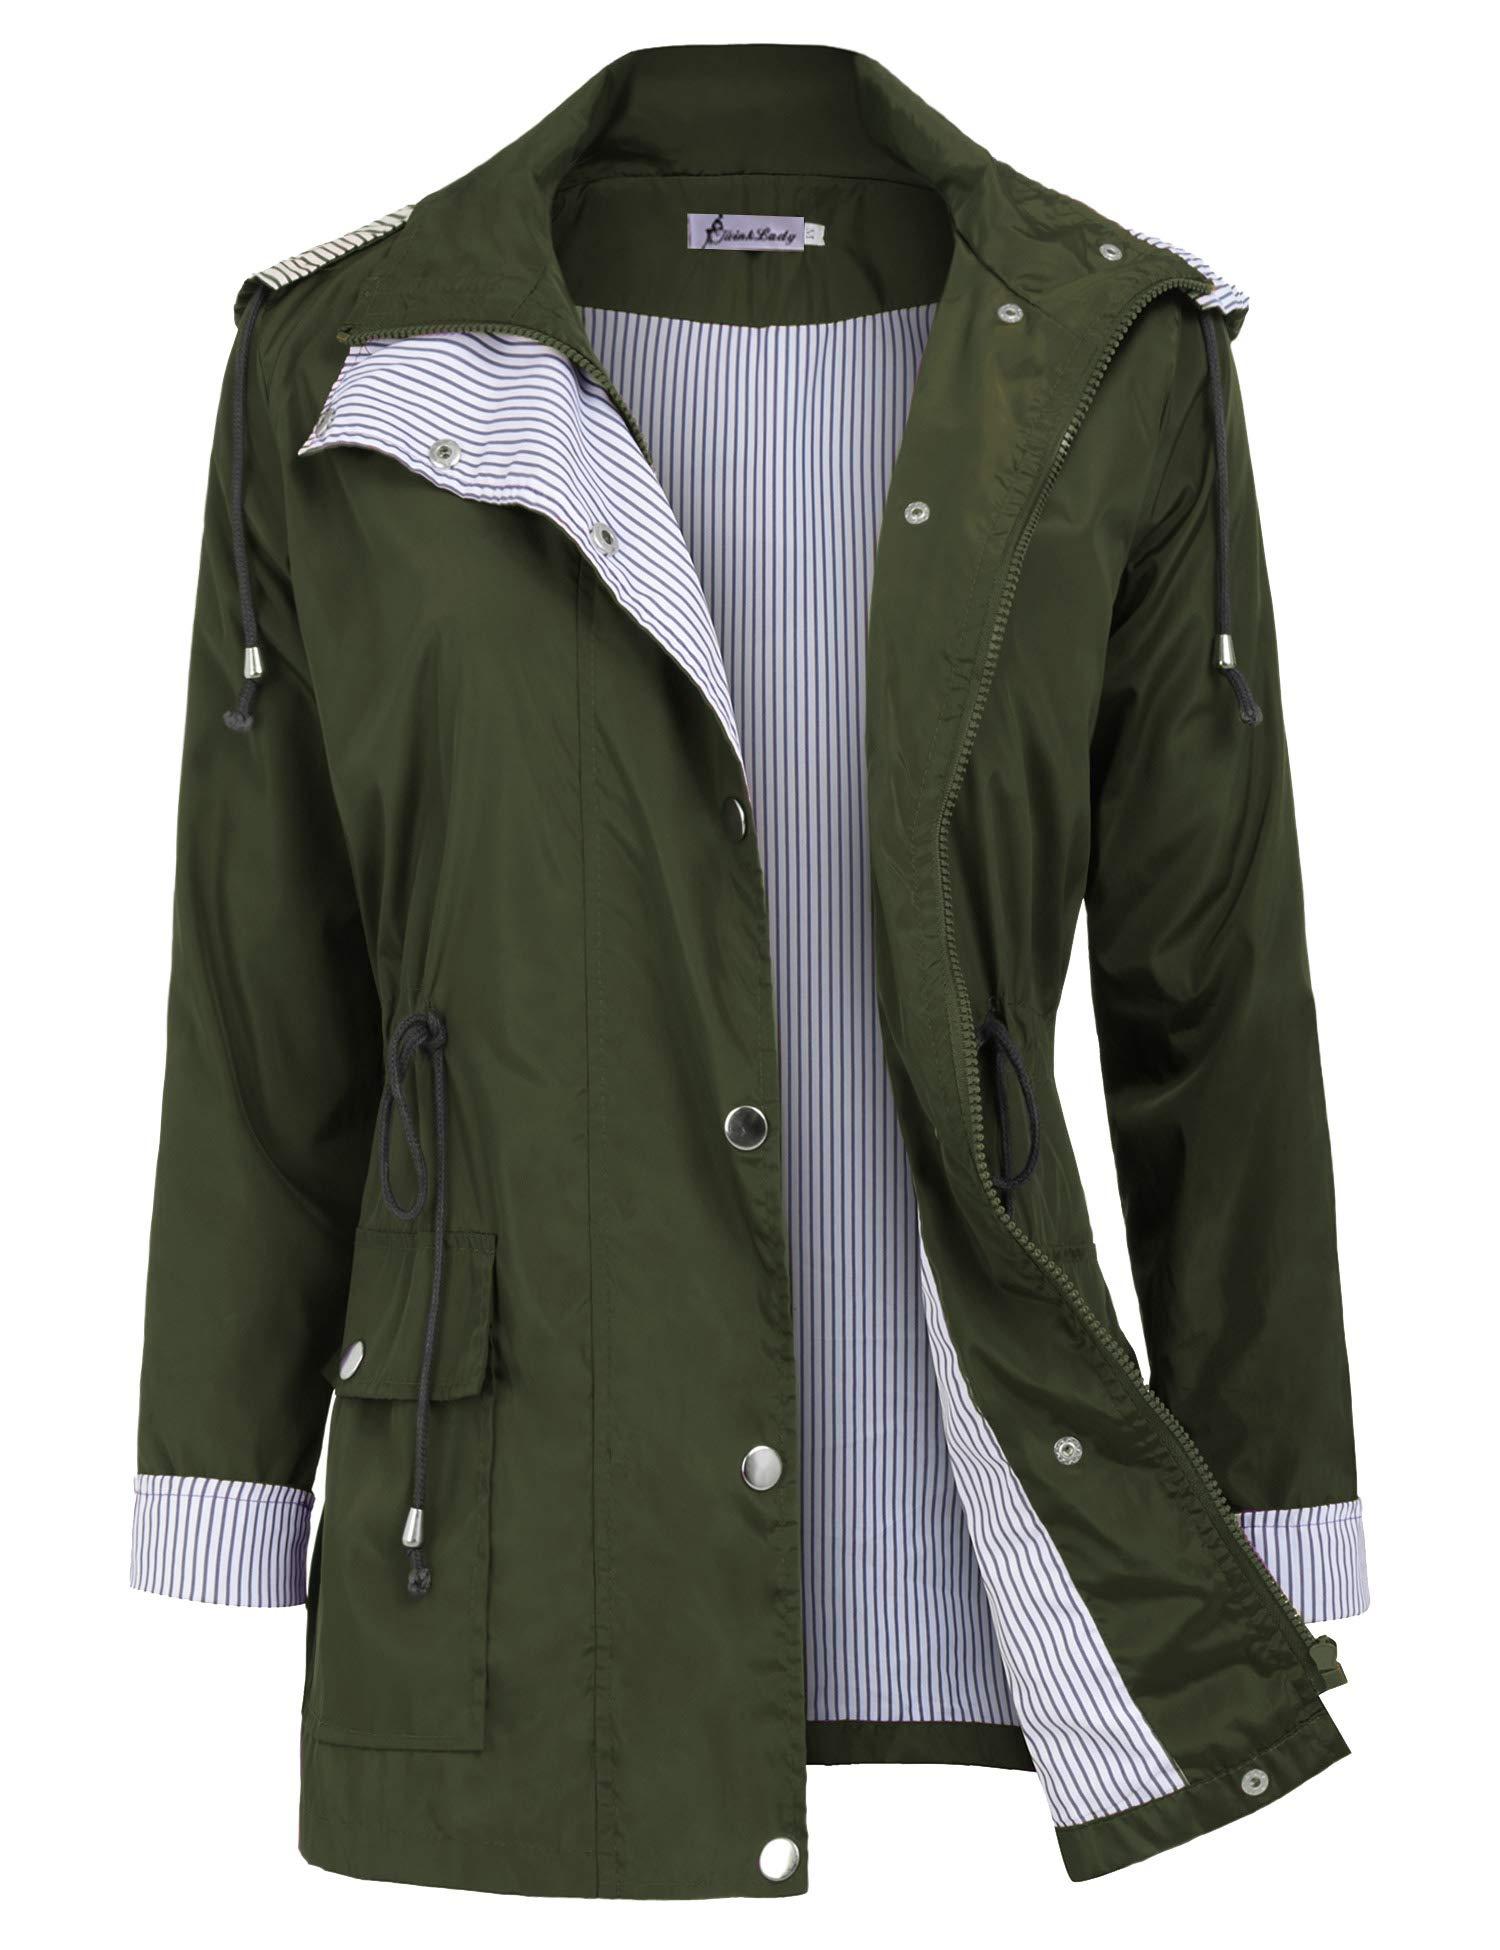 Twinklady Rain Jacket Women Windbreaker Striped Climbing Raincoats Waterproof Lightweight Outdoor Hooded Trench Coats Short Army Green XL by Twinklady